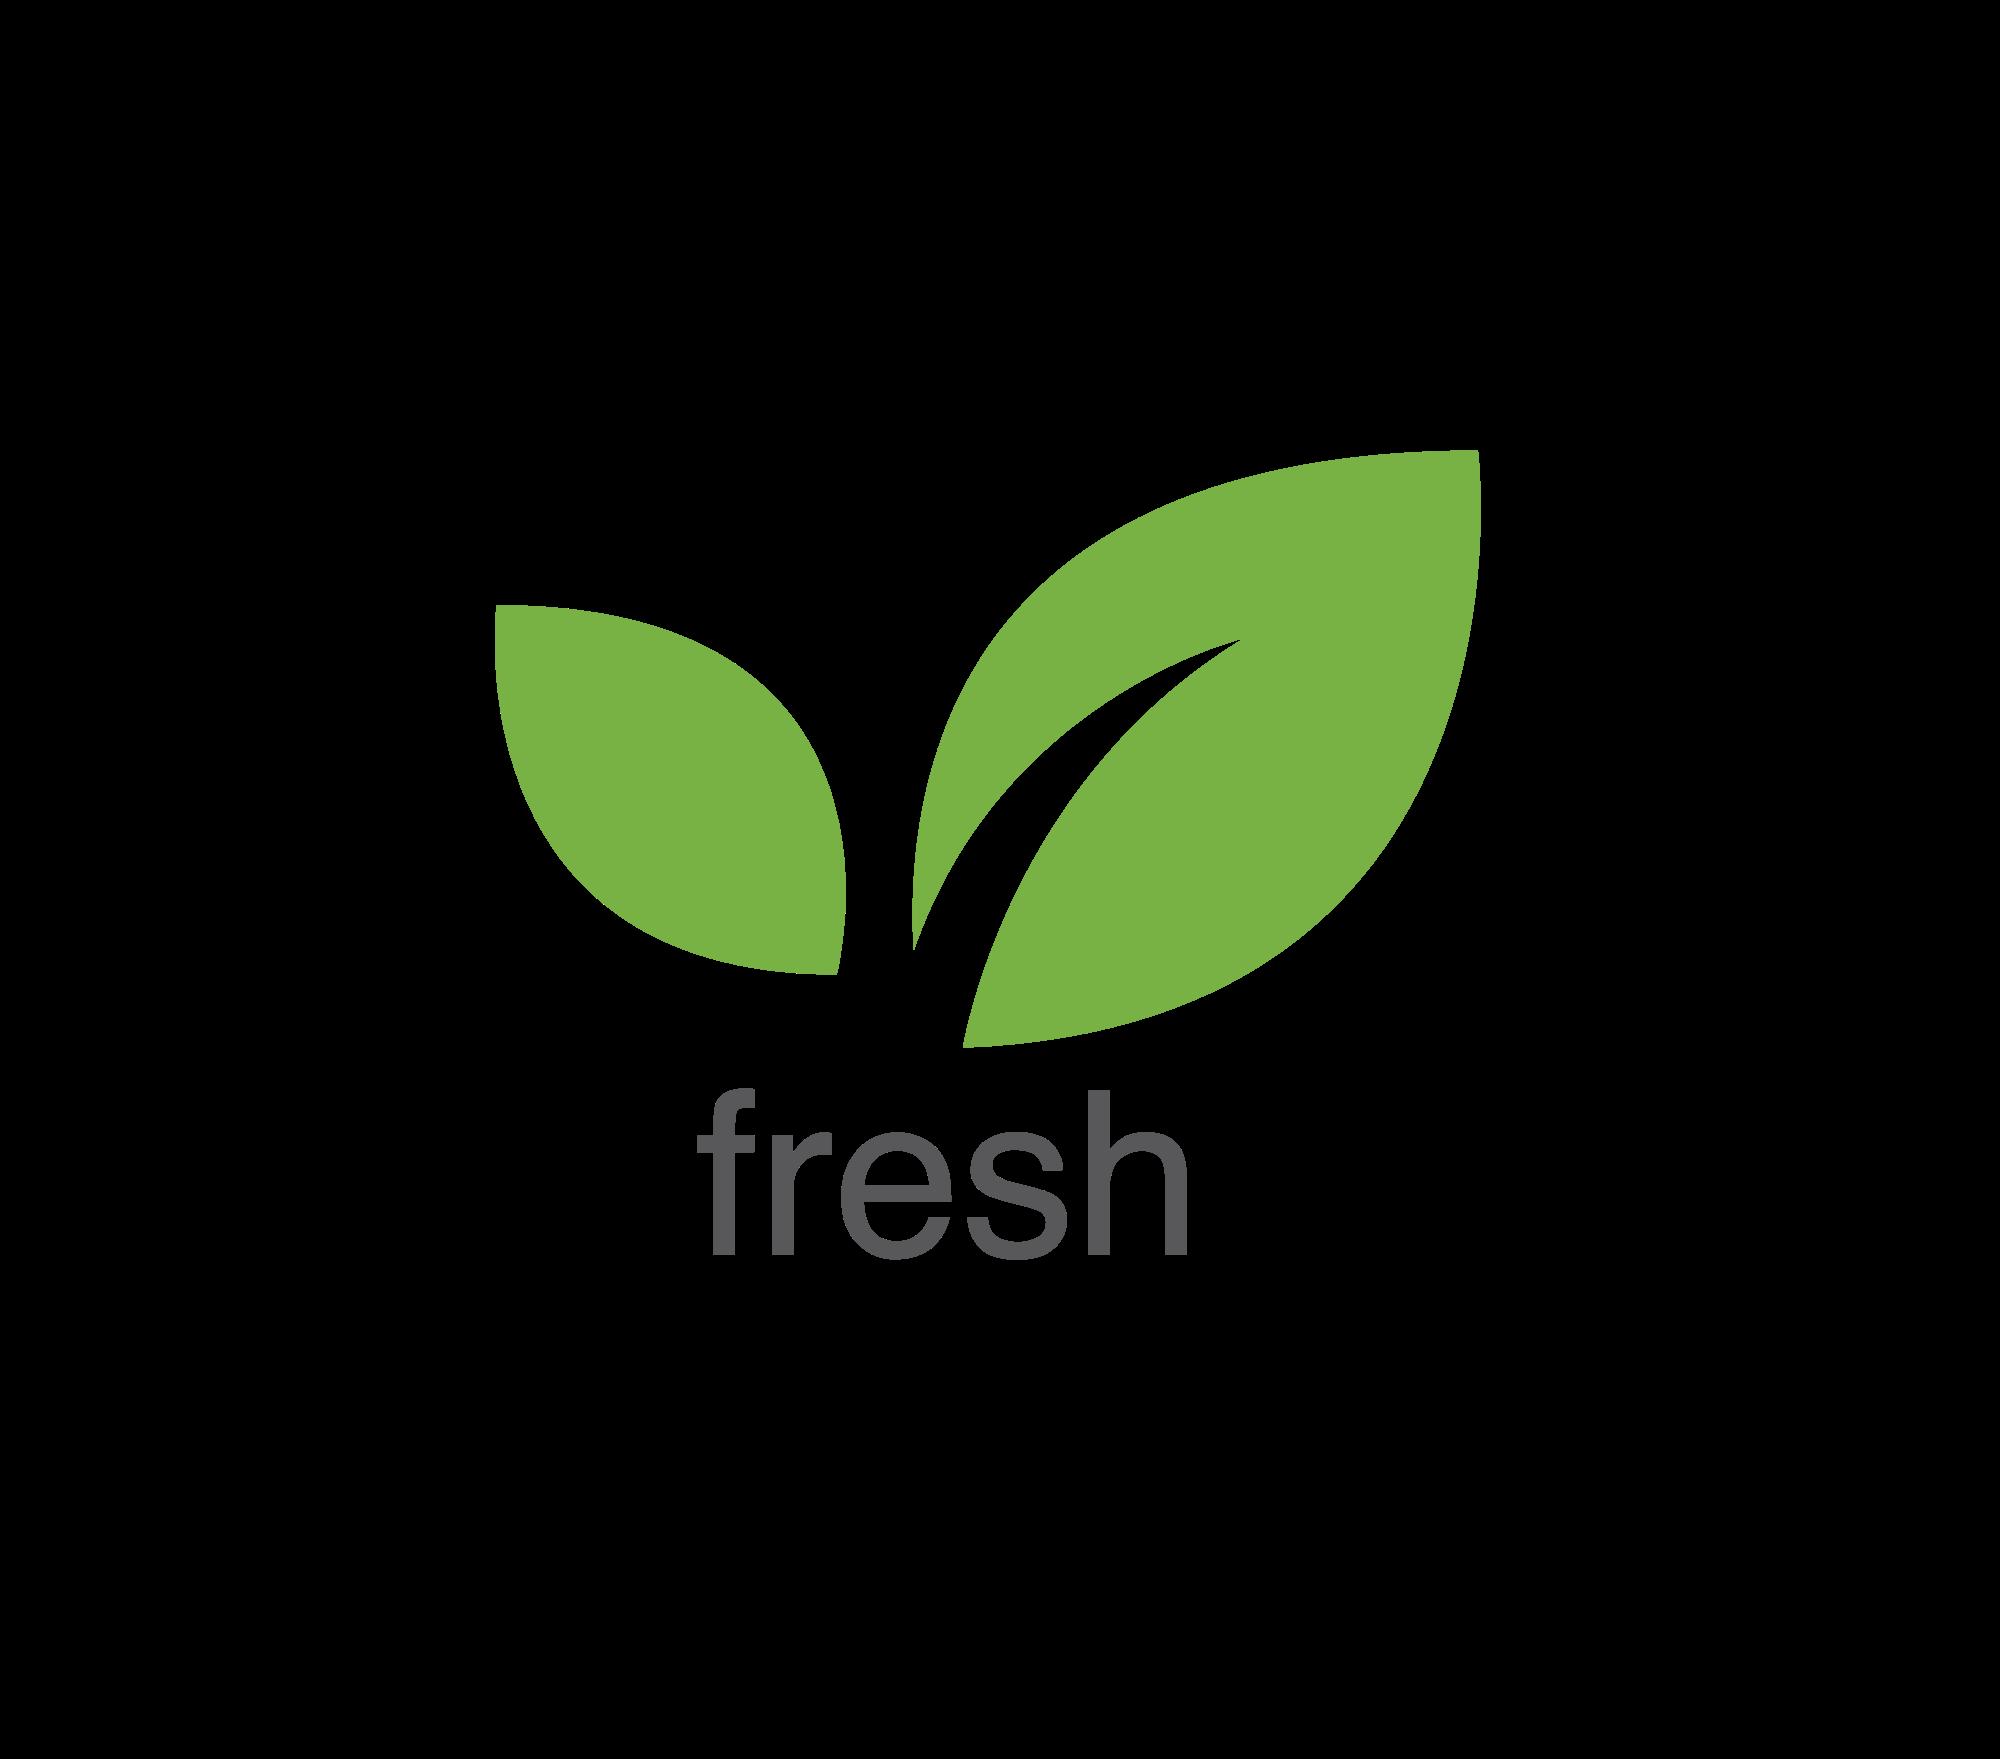 fresh-logo.png